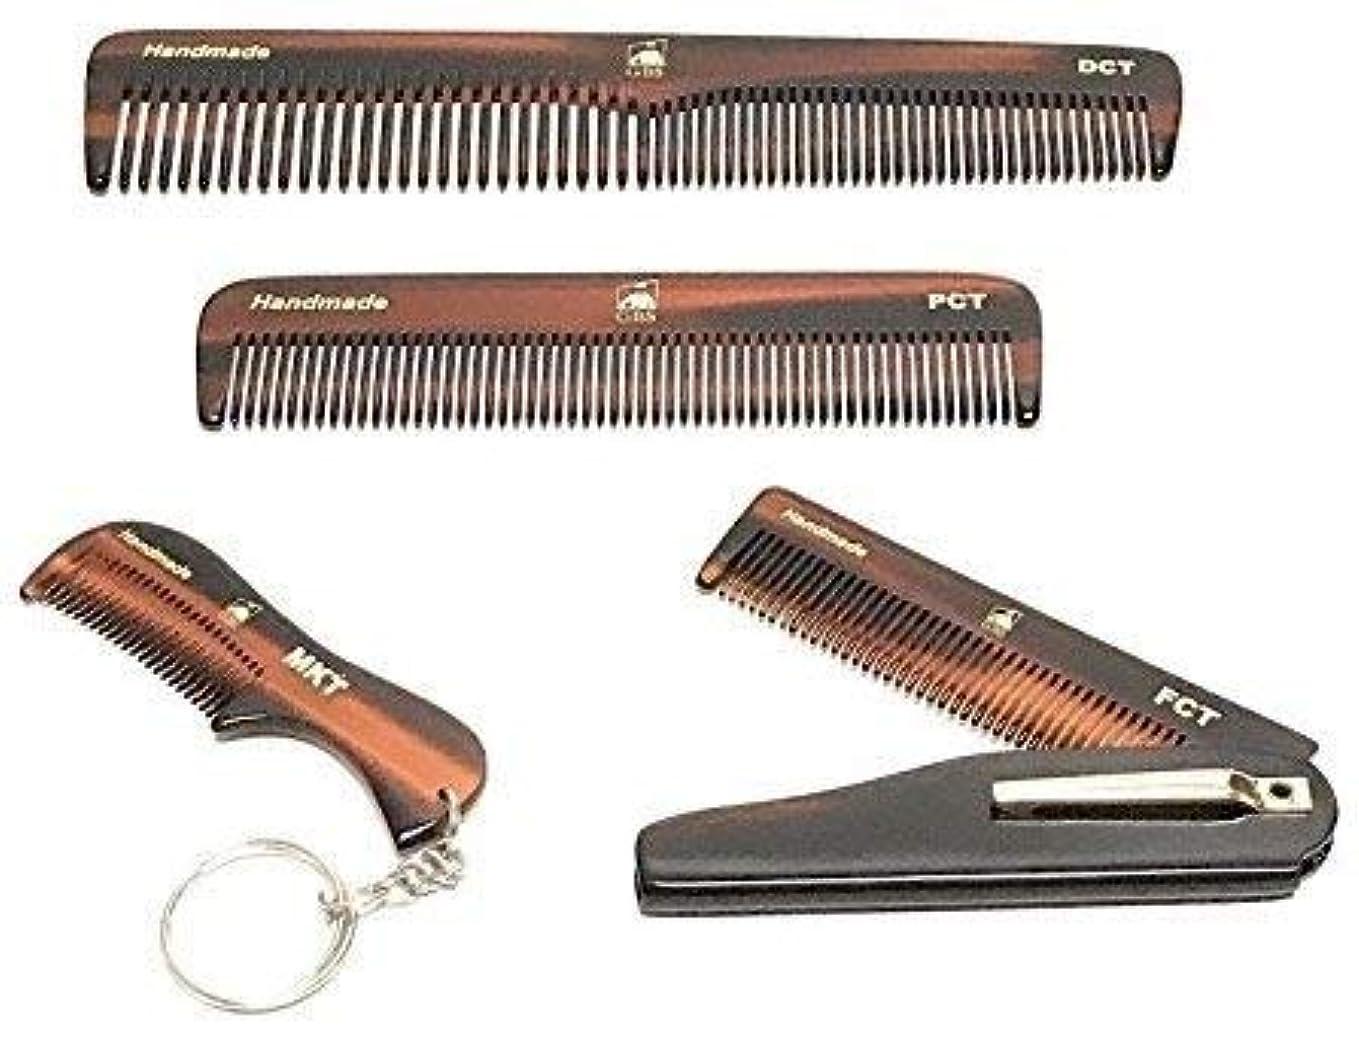 故意の明日ファウルGBS Handmade Styling Anti-Static No Snag Saw-cut Teeth Grooming Hair and Beard Comb Set - For Mens Care - Dressing Head Comb, All Purpose Folding Comb, Pocket Comb, Mustache Comb Styles Women brush [並行輸入品]